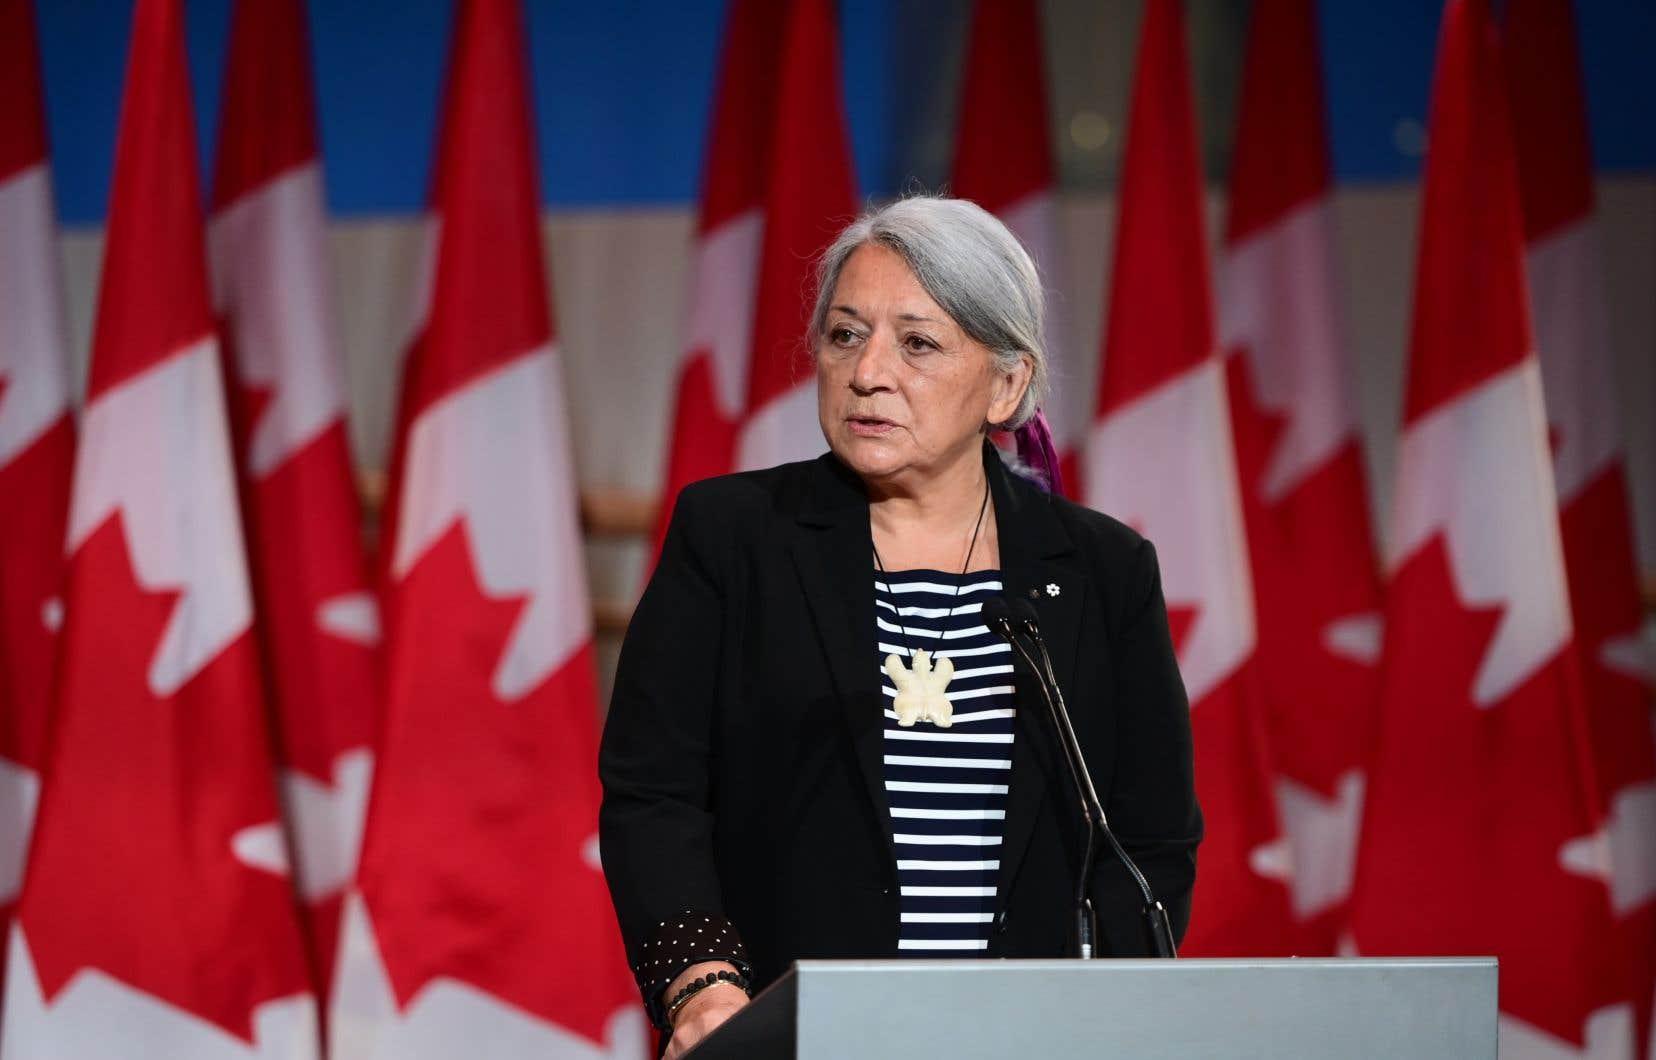 Dans son premier discours, le 6juillet, lors de l'annonce de sa nomination, MmeSimon a parlé en inuktitut et en anglais, sauf pour une courte phrase en français, lue avec peine.